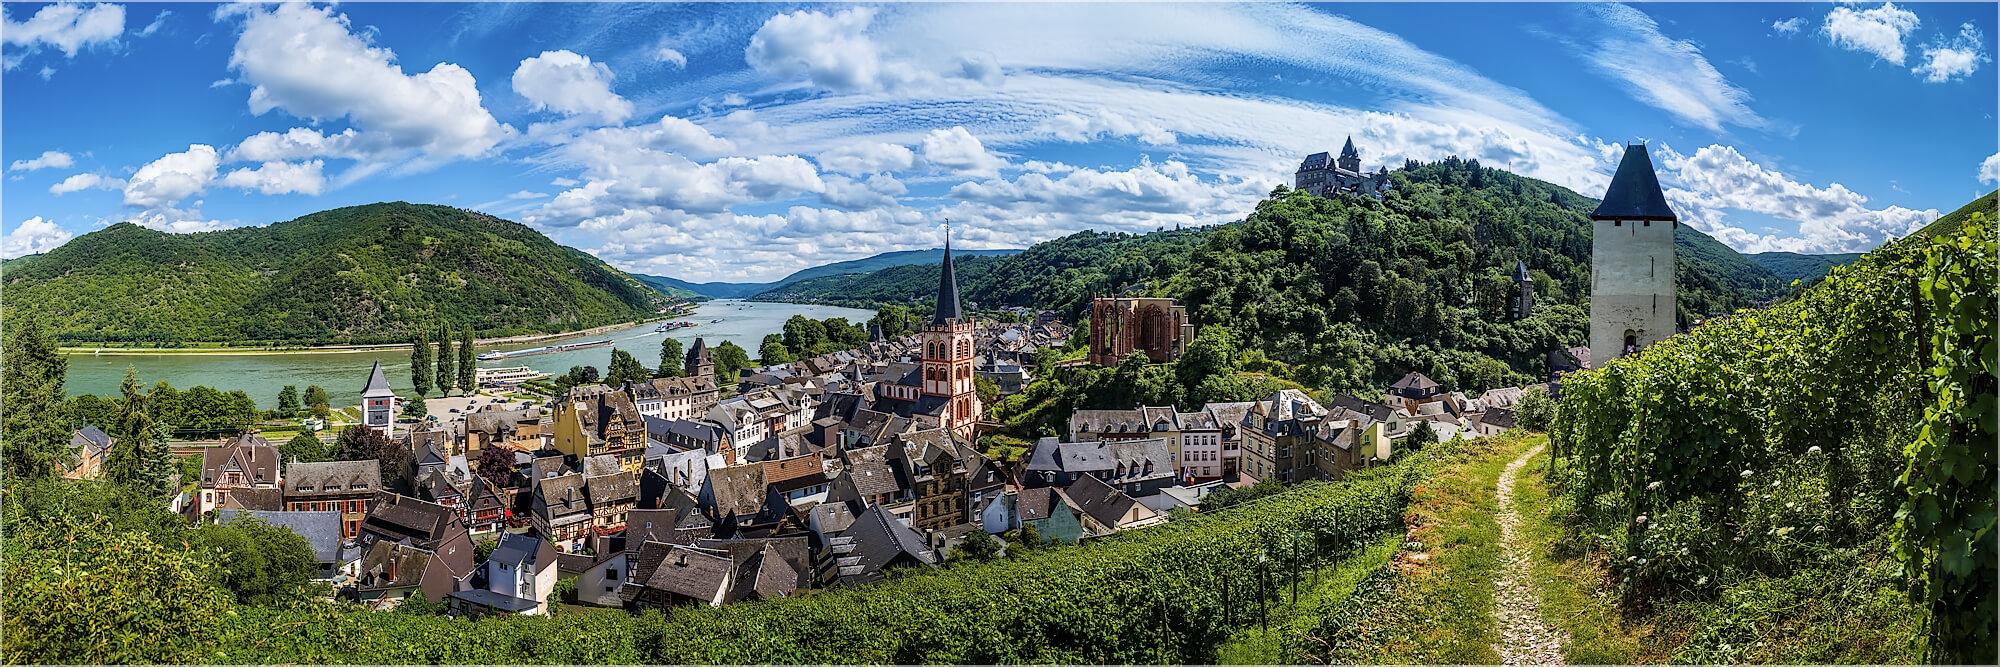 Panoramafoto Bacharach am Rhein